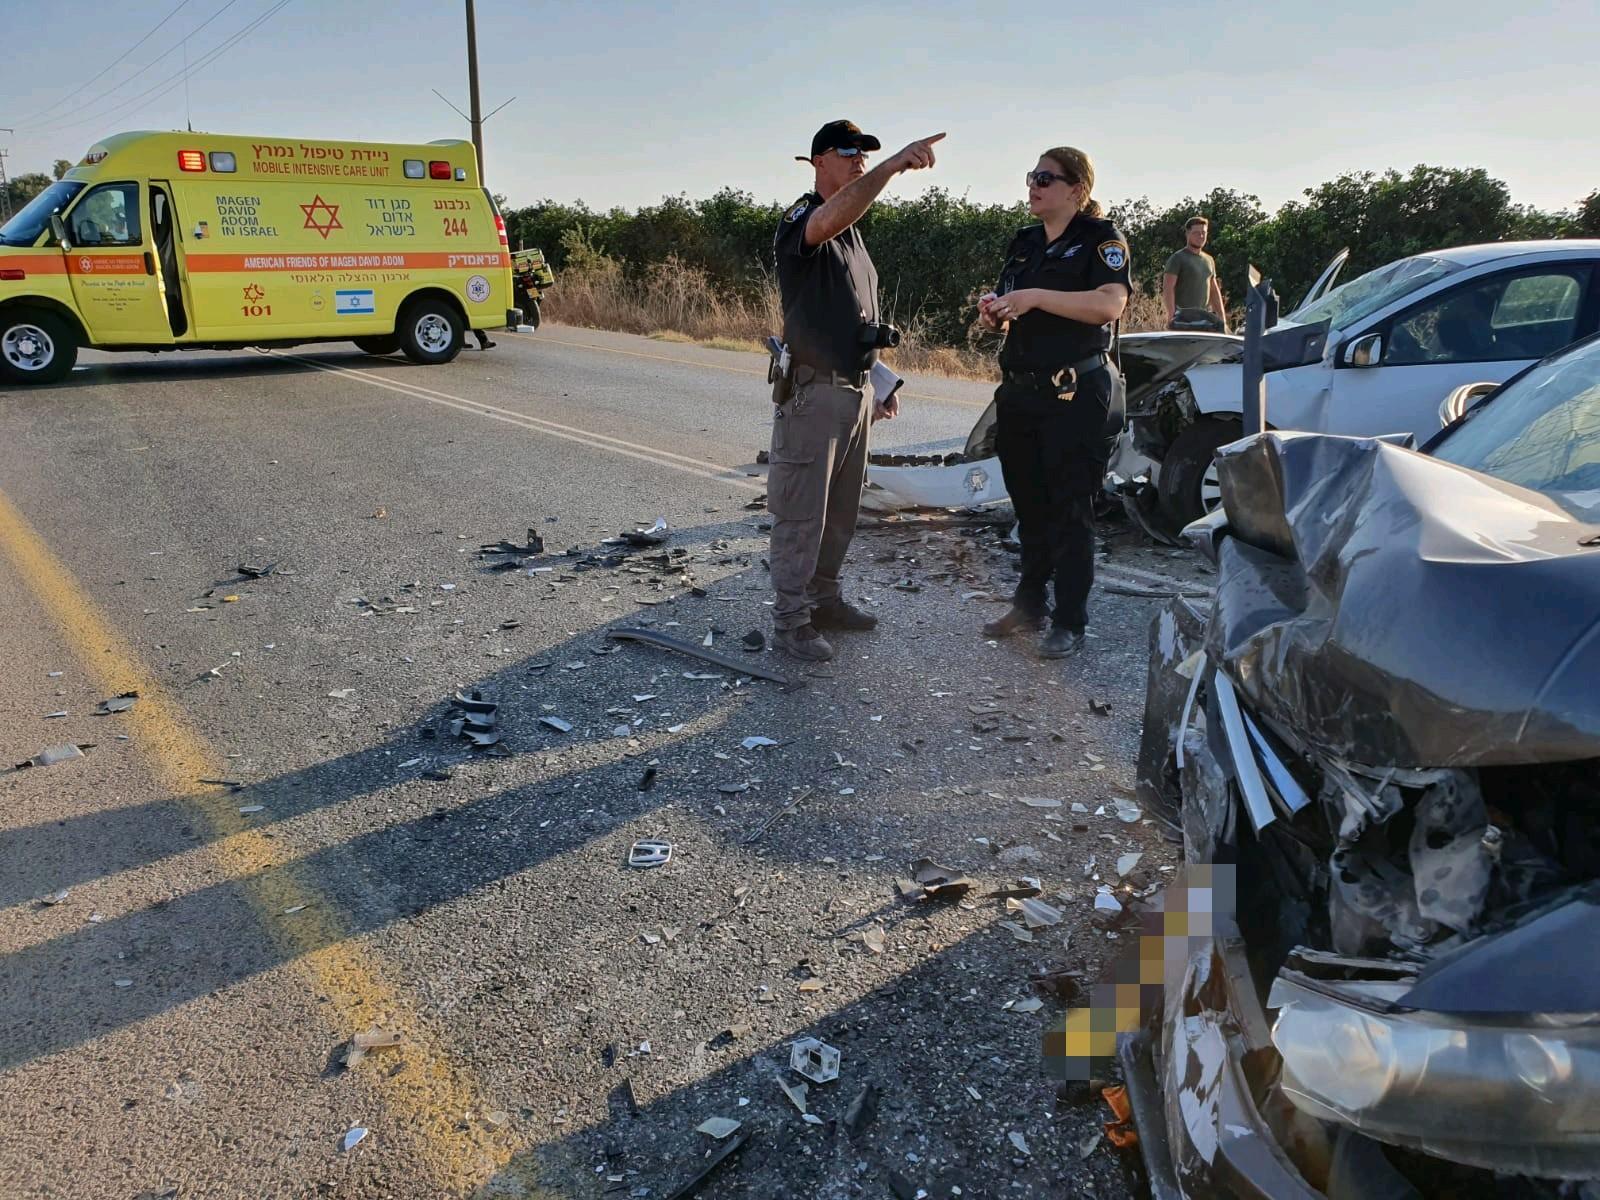 الزرازير: 10 إصابات في حادث طرق بينها 3 خطيرة